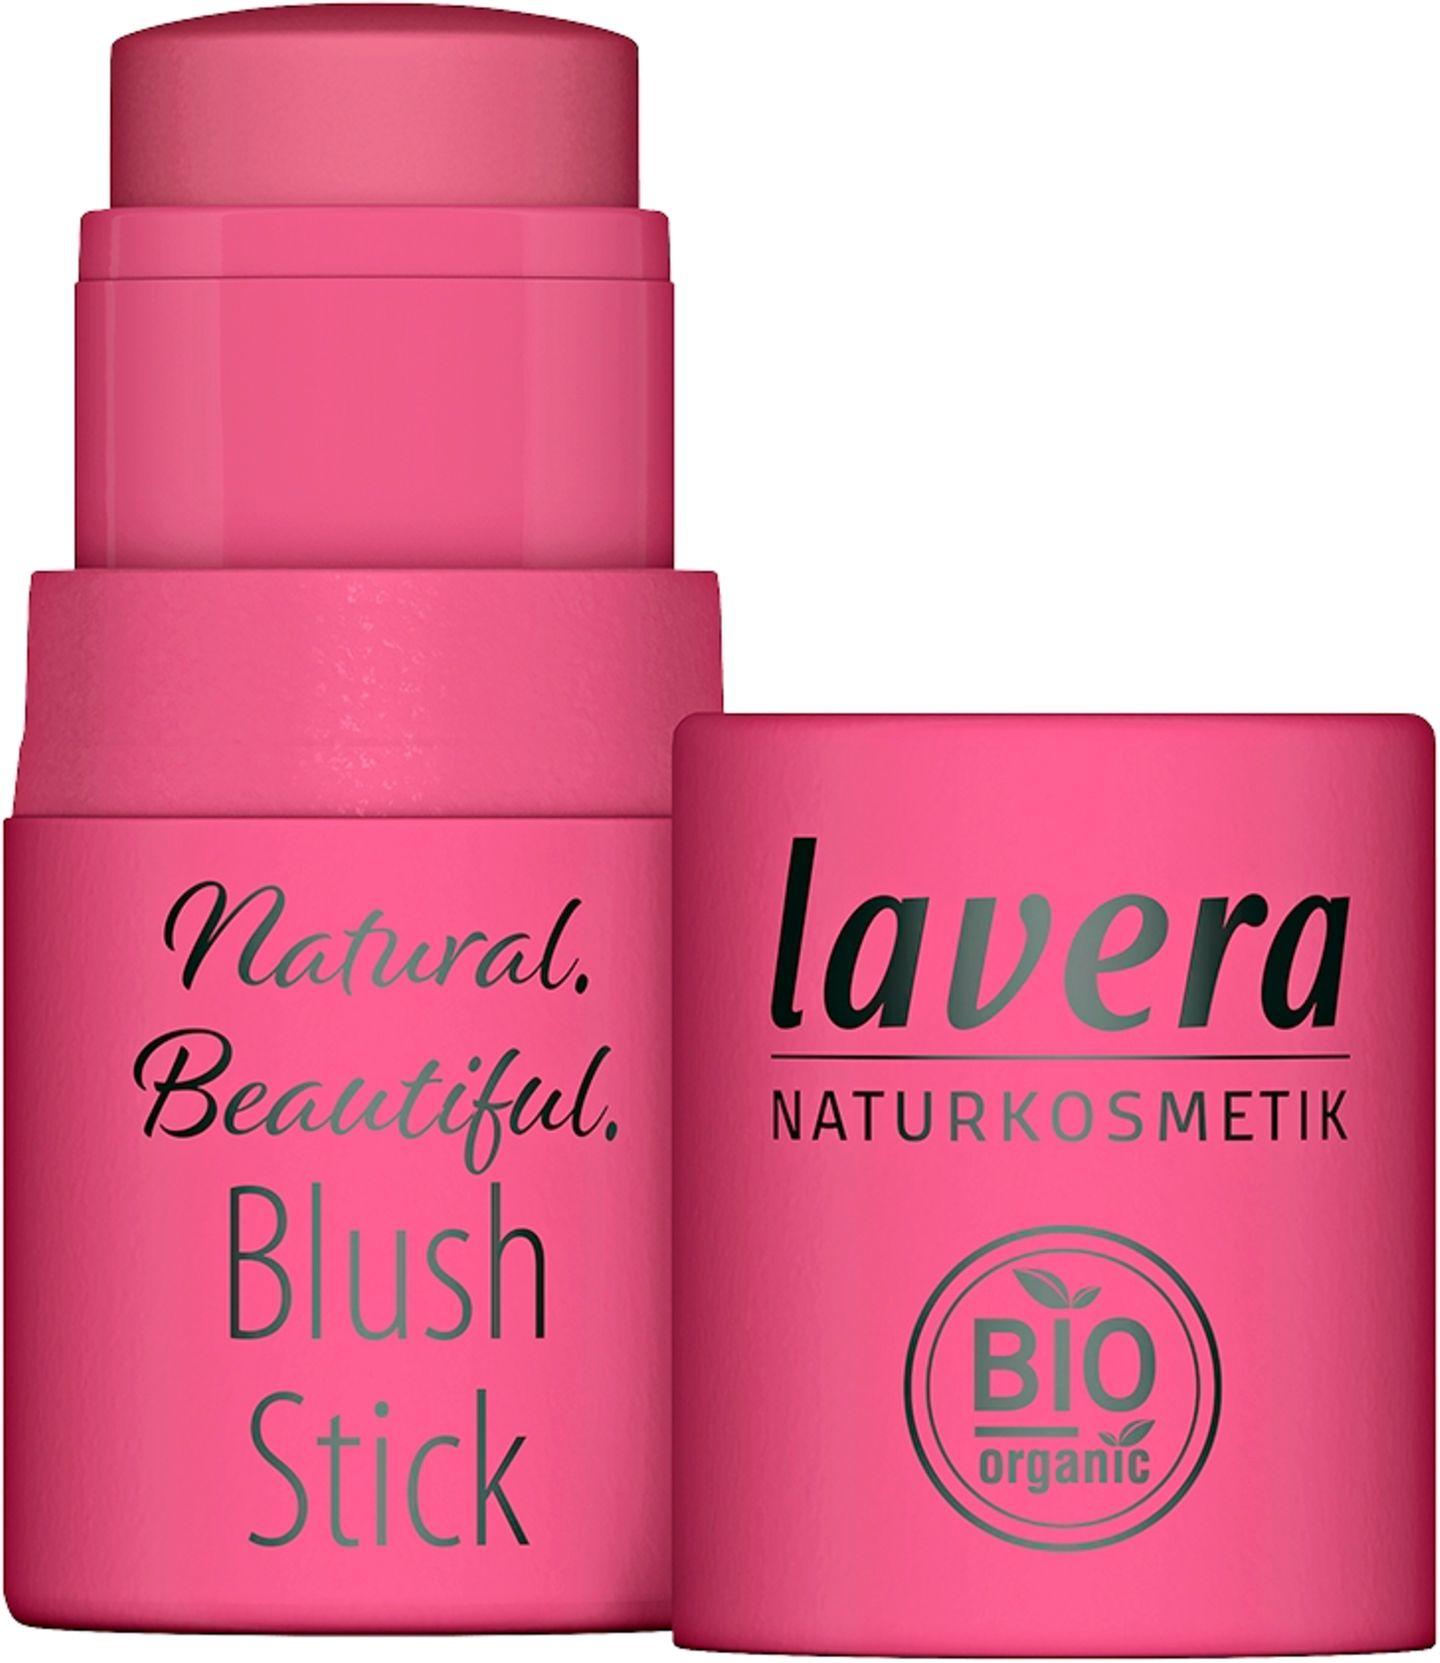 Green Beauty: Blush Stick